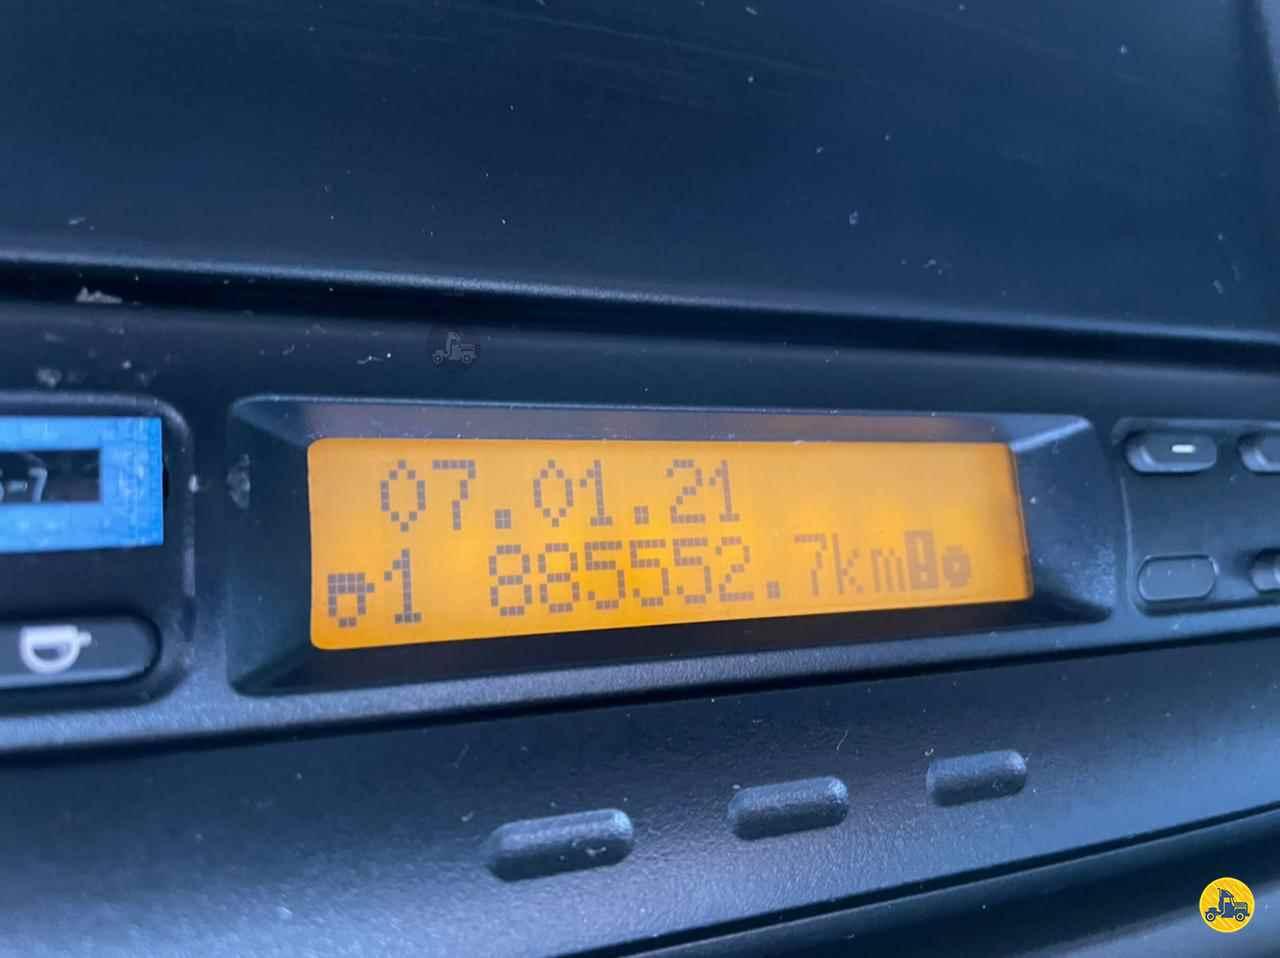 VOLVO VOLVO FH 540 855000km 2014/2014 Transmap Caminhões